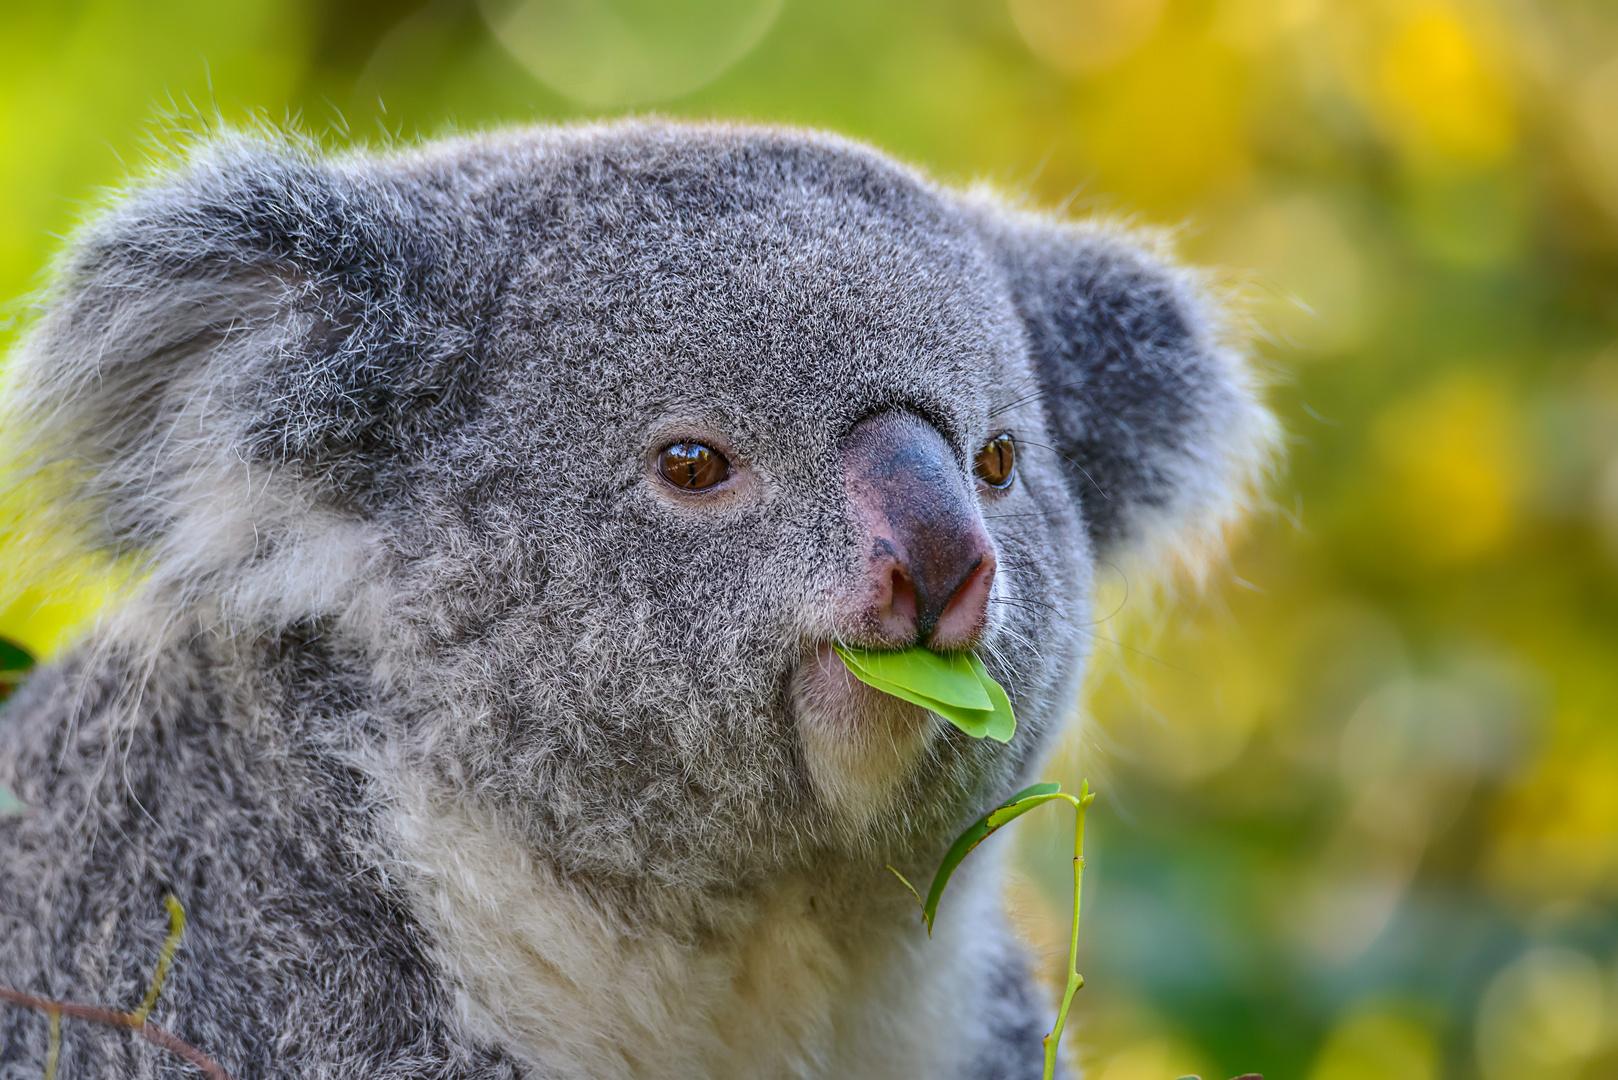 lecker, aber nur für Koalas